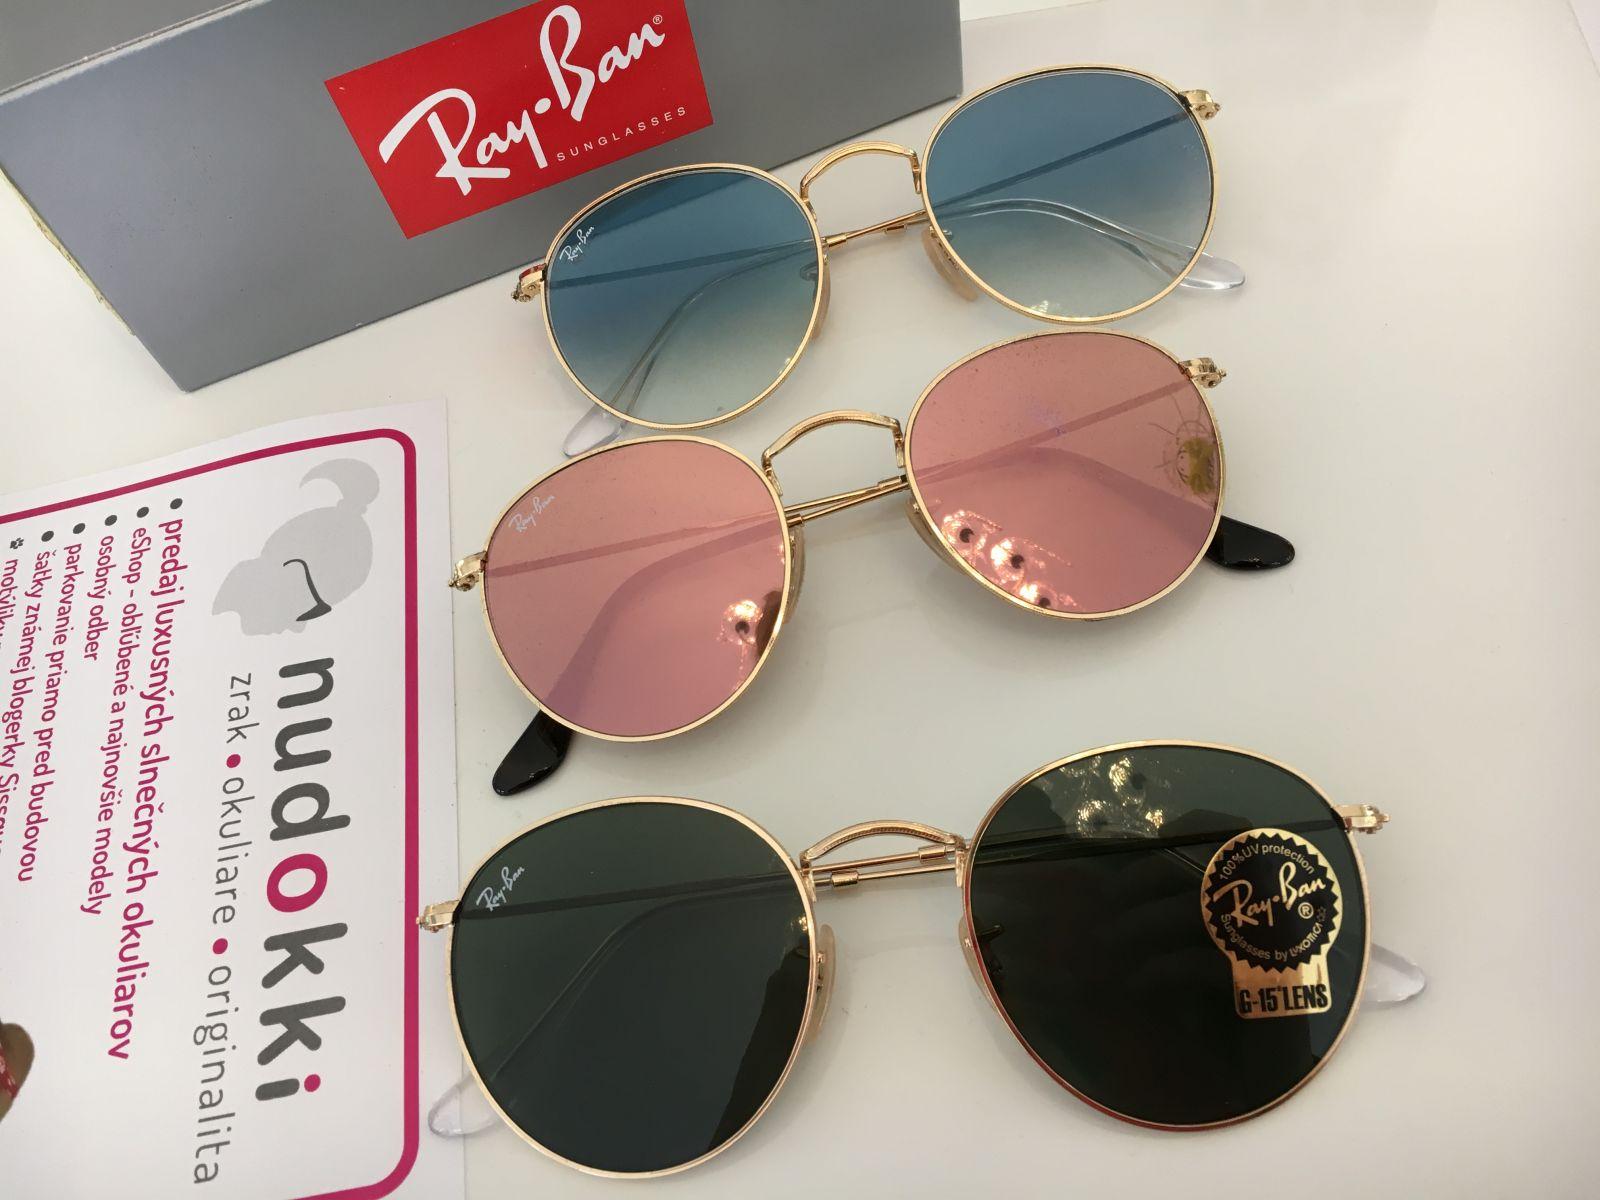 Okrúhle slnečné okuliare Ray-Ban ROUND METAL - Nudokki.sk 1320a9ce8d3